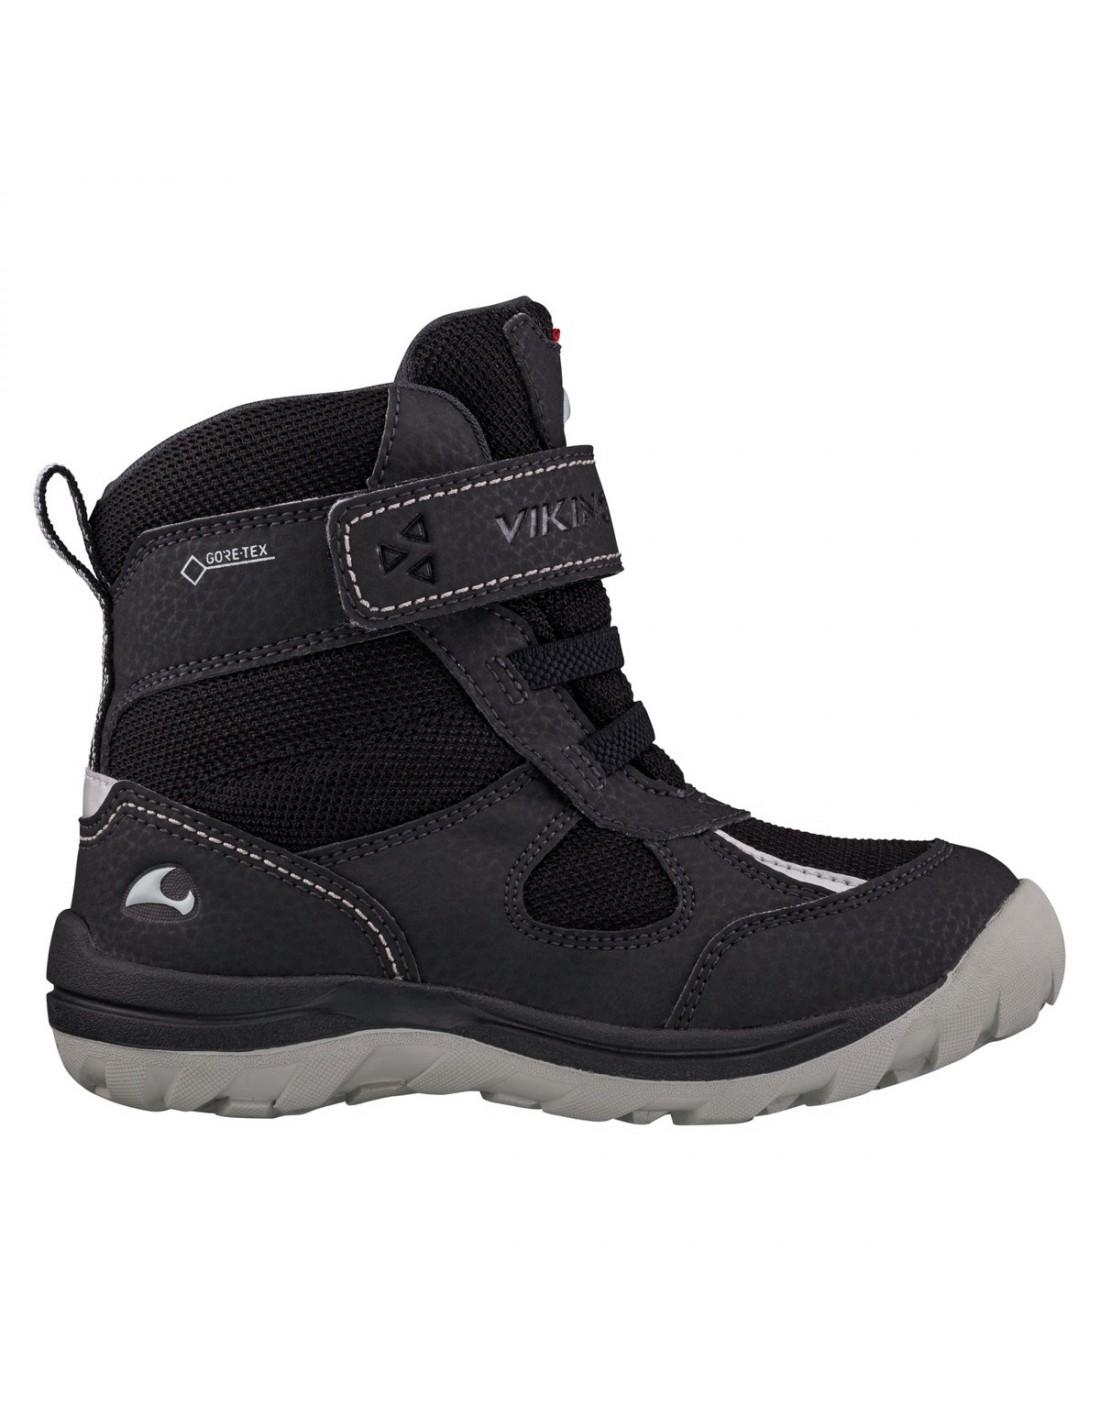 Viking sko til barn, herrer og damer | Kjøp billig her!